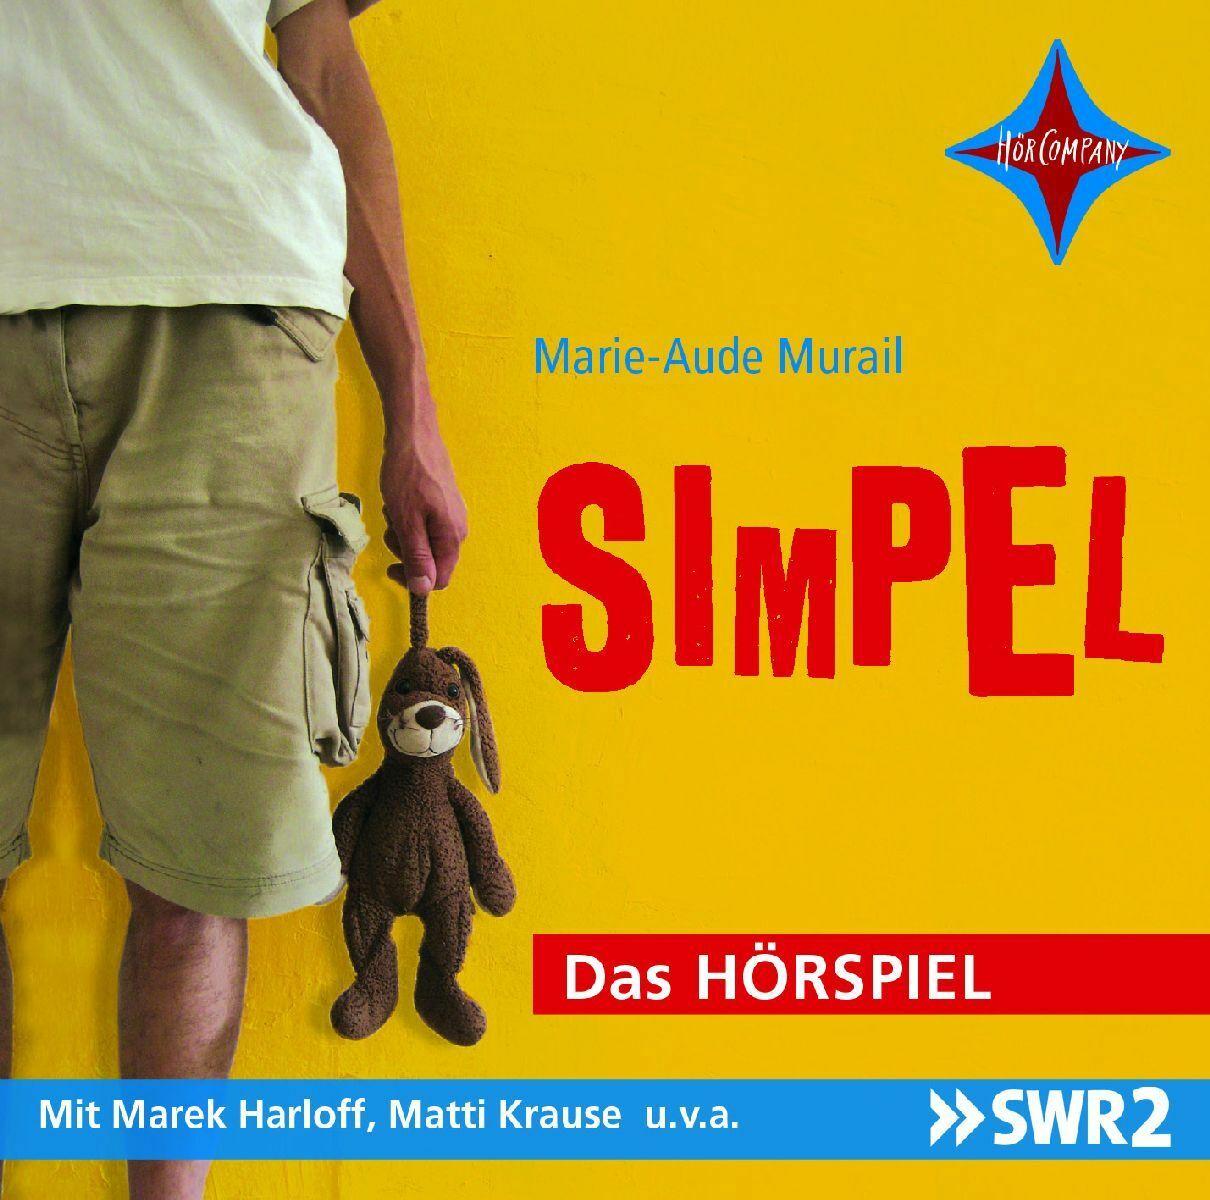 """Gratis / Kostenlos: Hörspiel """"Simpel"""" nach Marie-Aude Murail als mp3-Download beim WDR"""